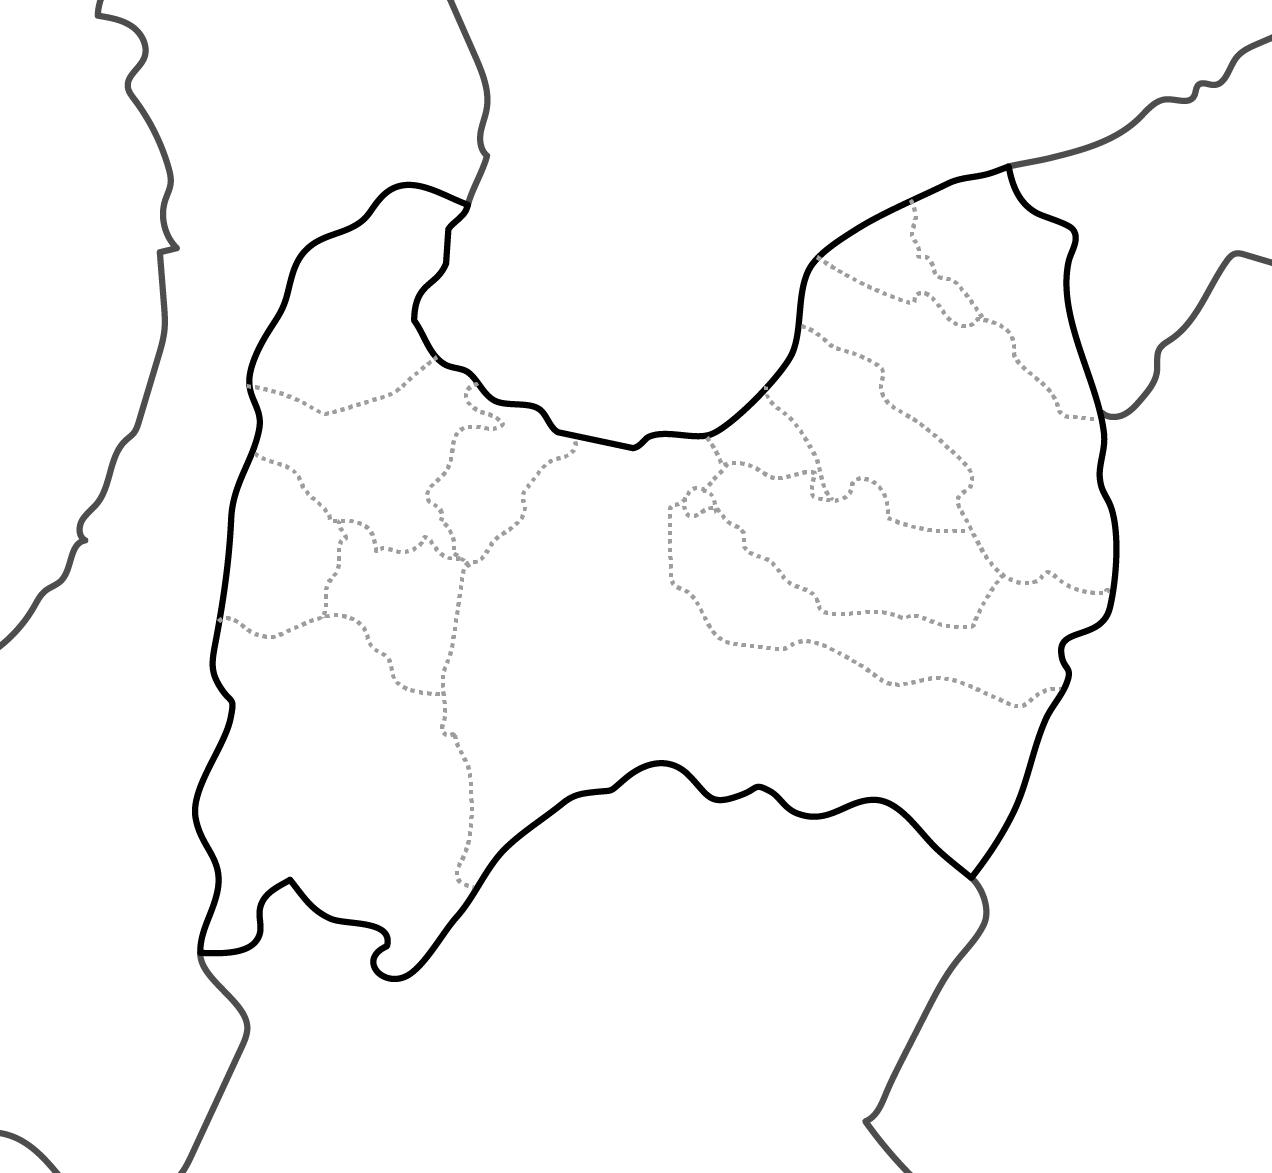 [白地図]富山県・ラインあり・市区町村名なし・隣県なし